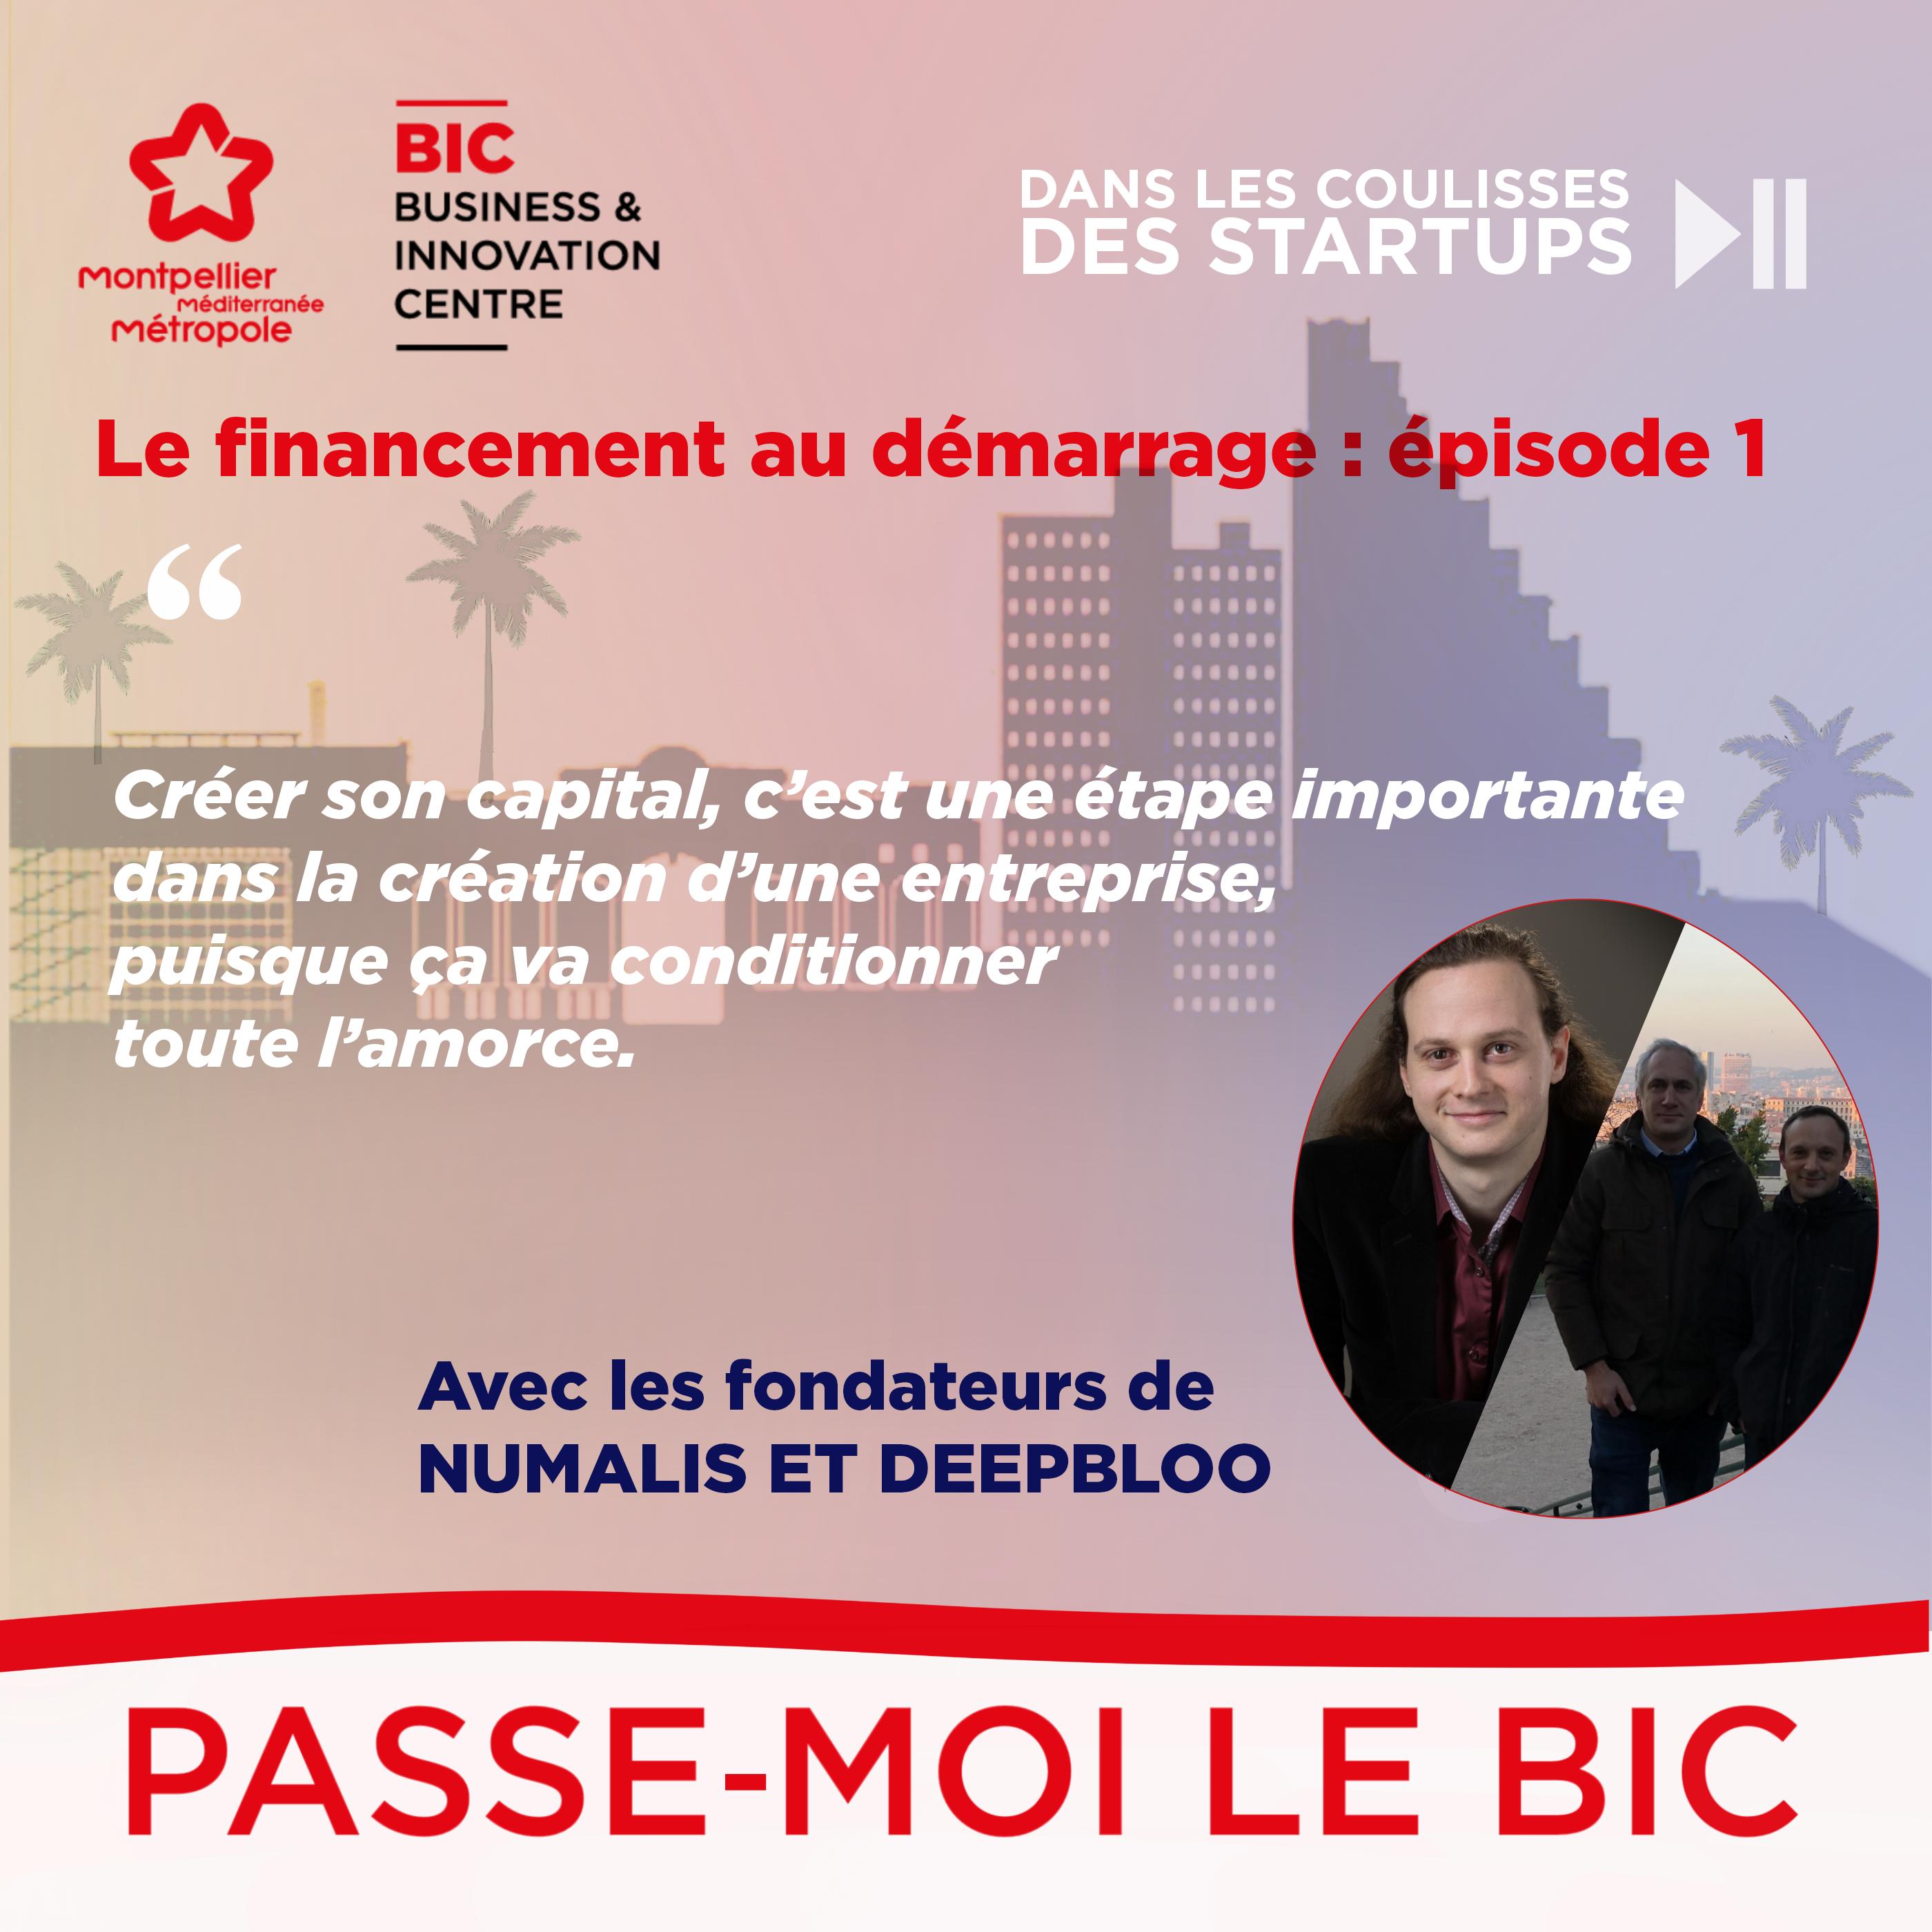 Le premier épisode de la chaîne de podcast du BIC de Montpellier